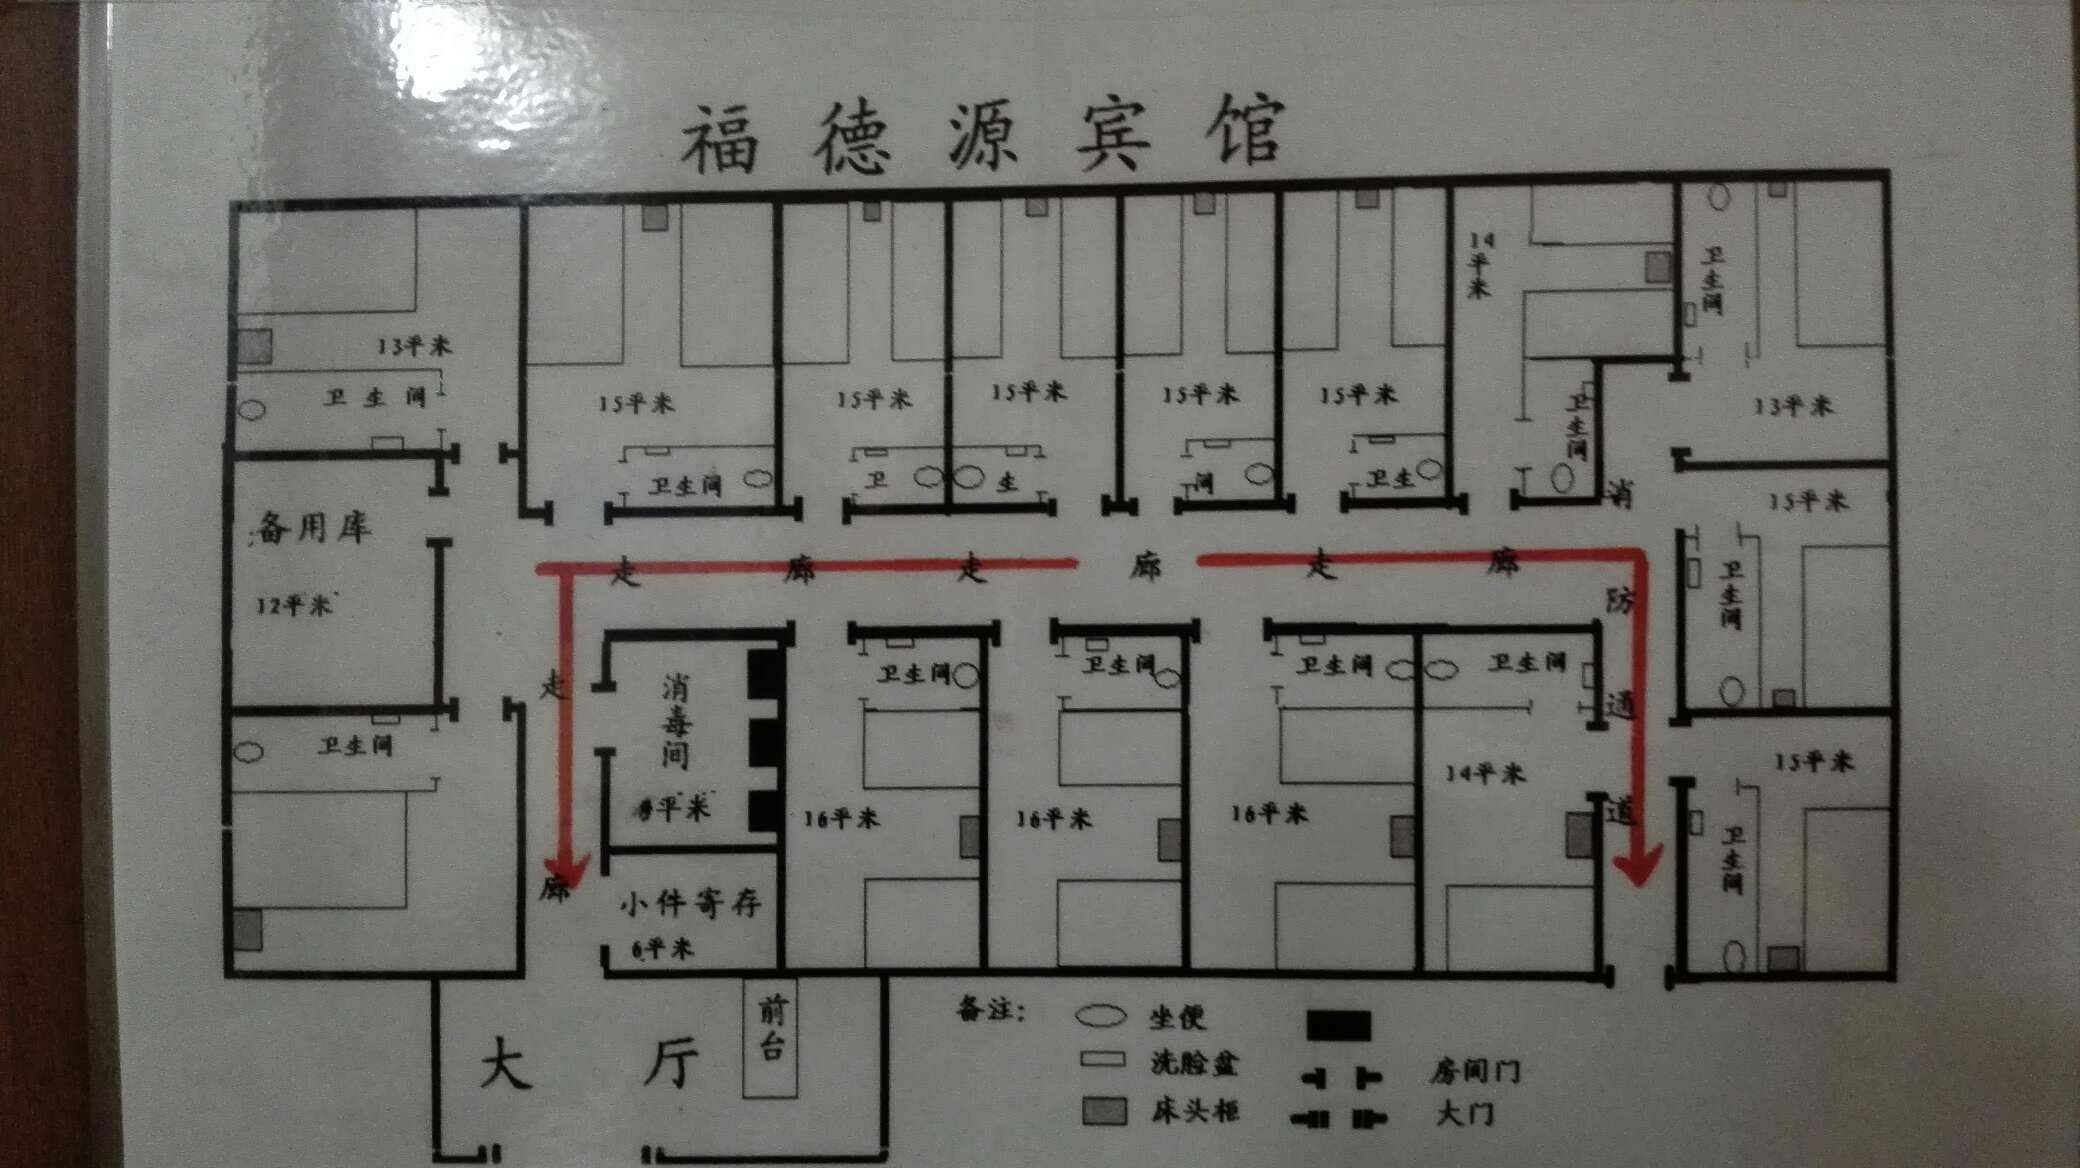 宾馆房间设计图平面图